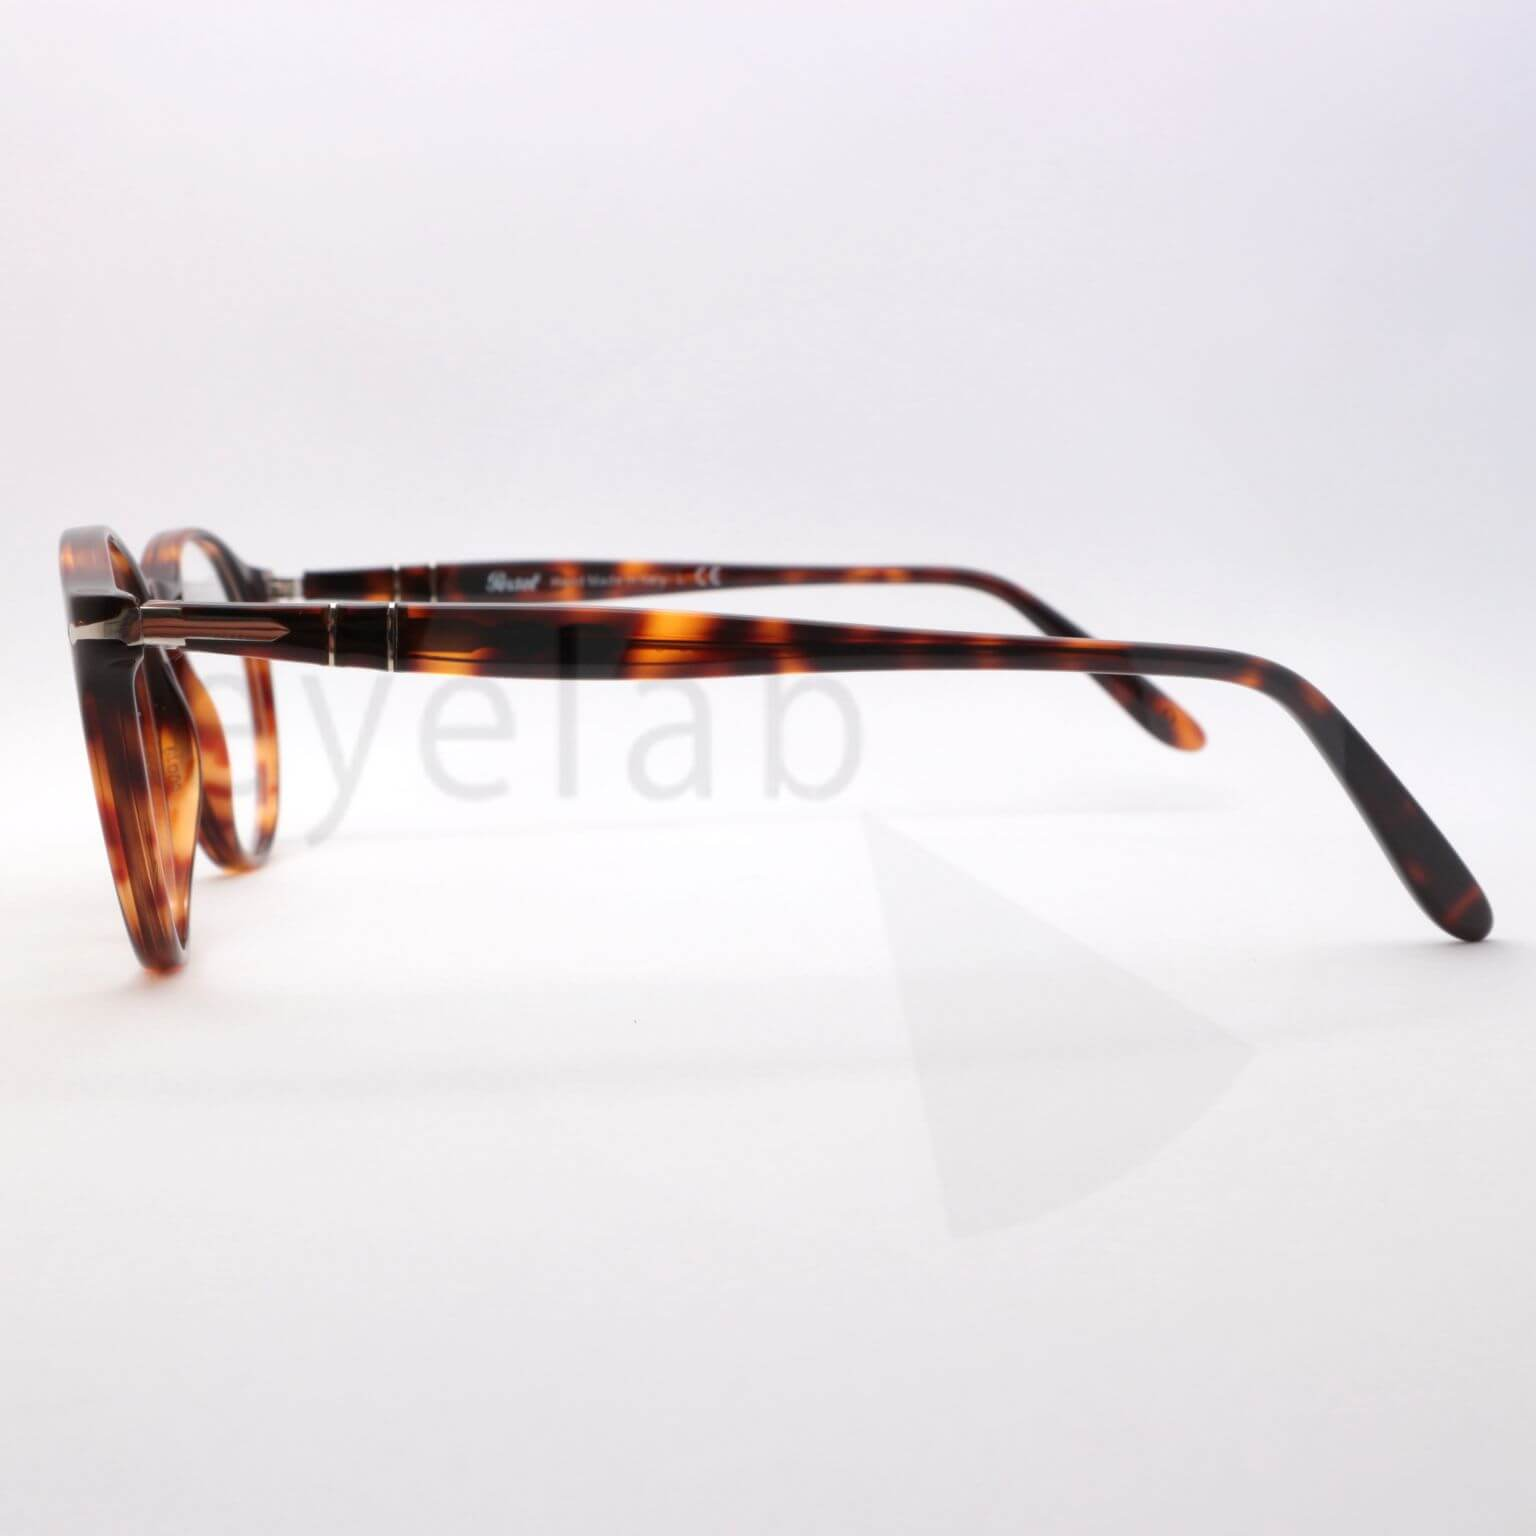 Γυαλιά οράσεως Persol 3092V 9015 ~ Eyelab 7668a1a9804